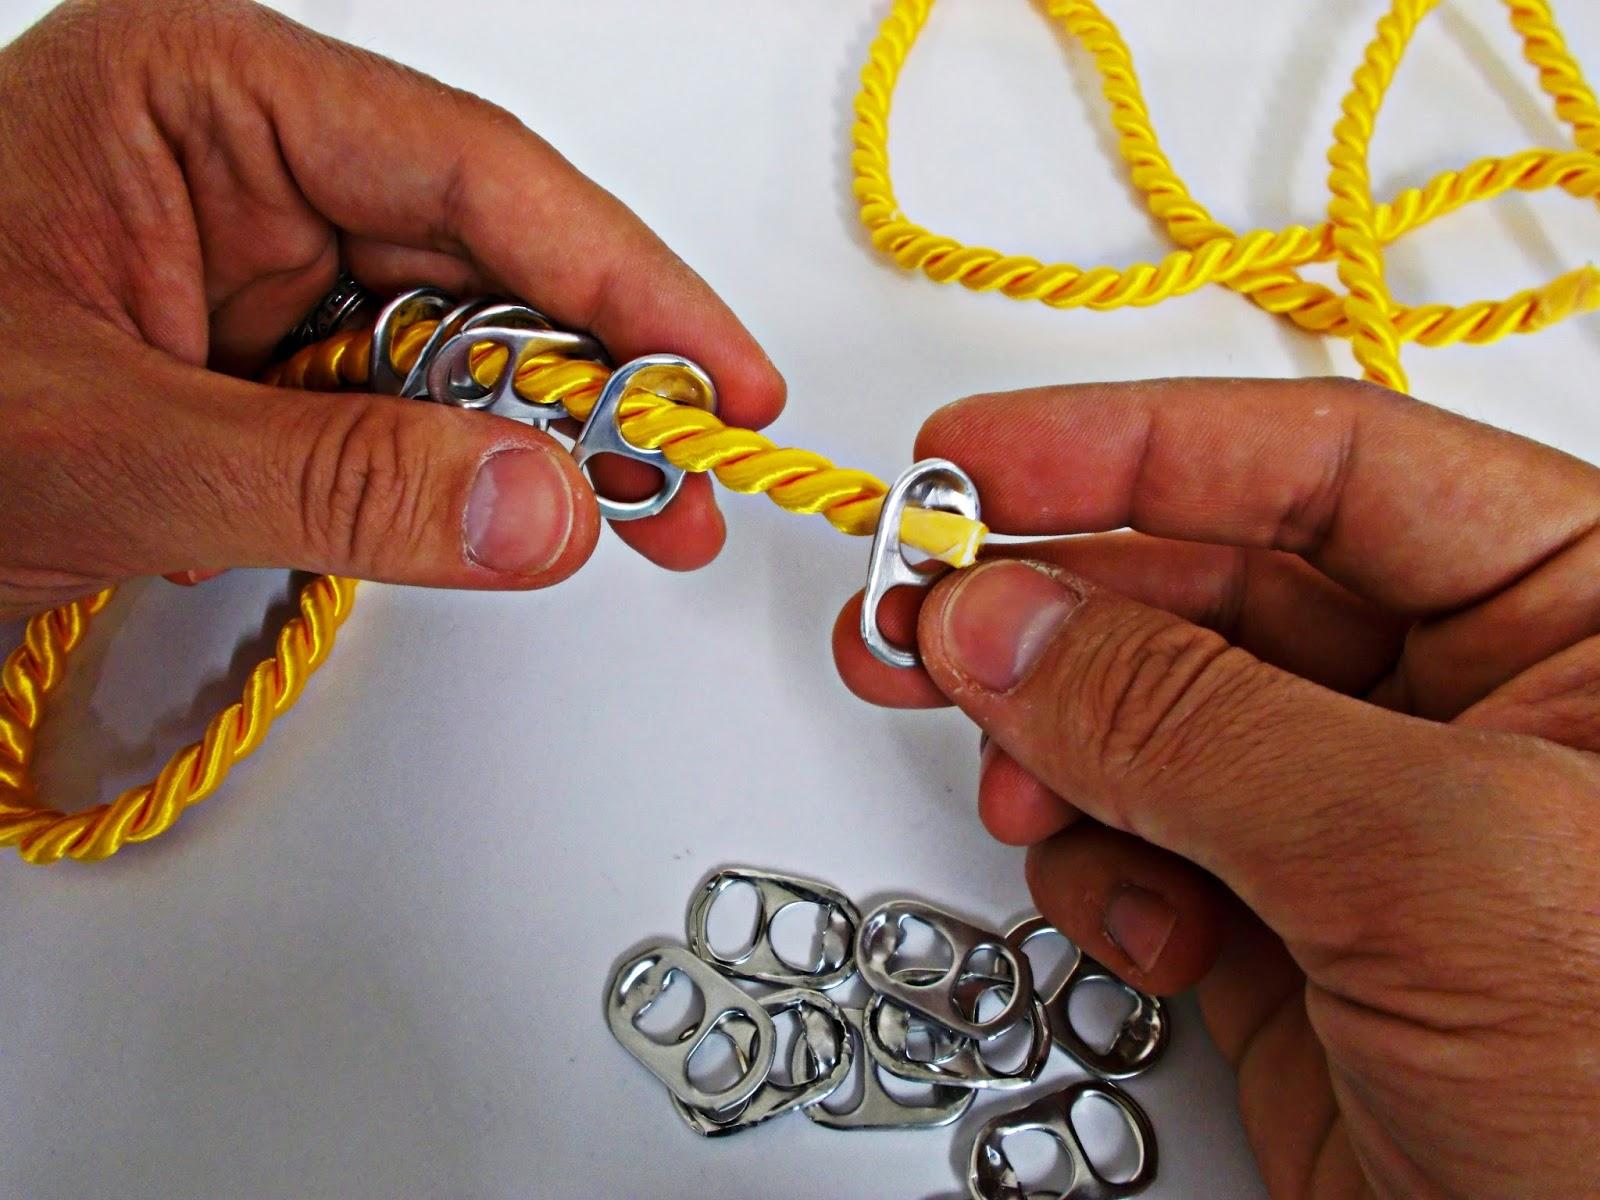 DIY-collar nudos-bisutería-hebillas refrescos-reciclar-reutilizar-2